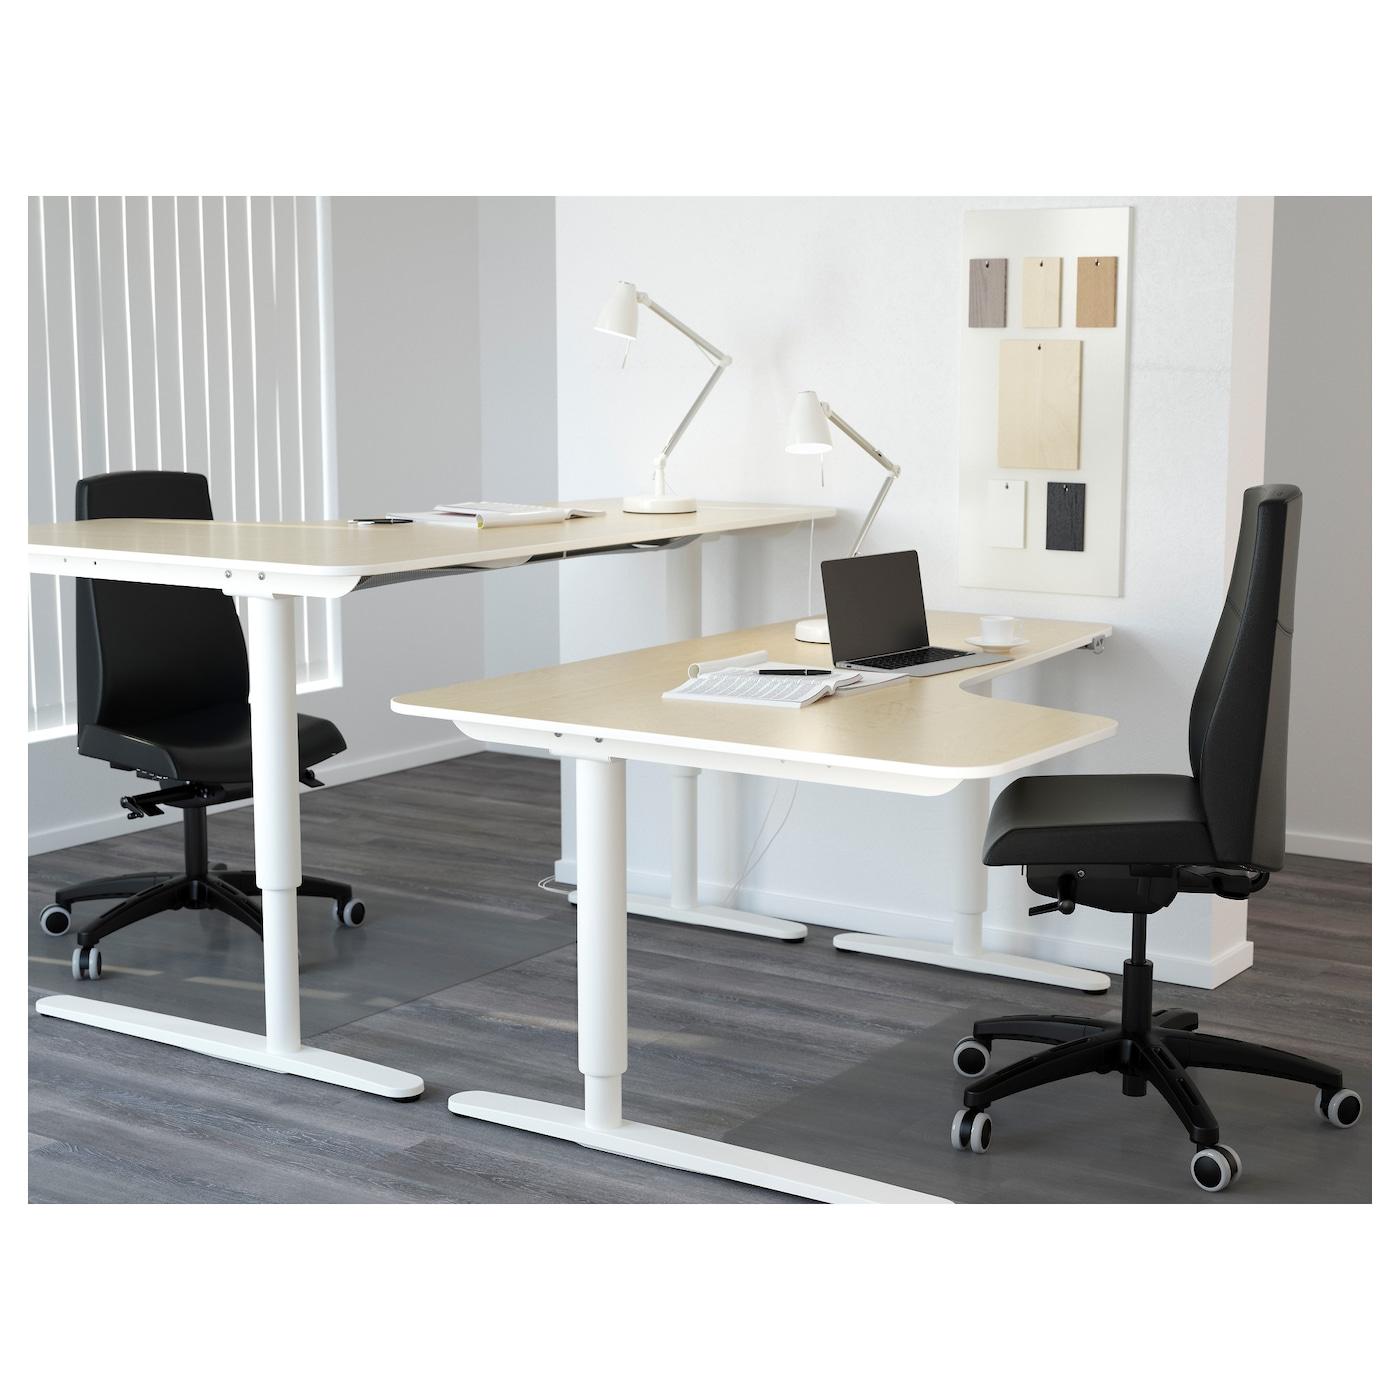 Bekant Corner Desk Left Sit Stand Birch Veneer White